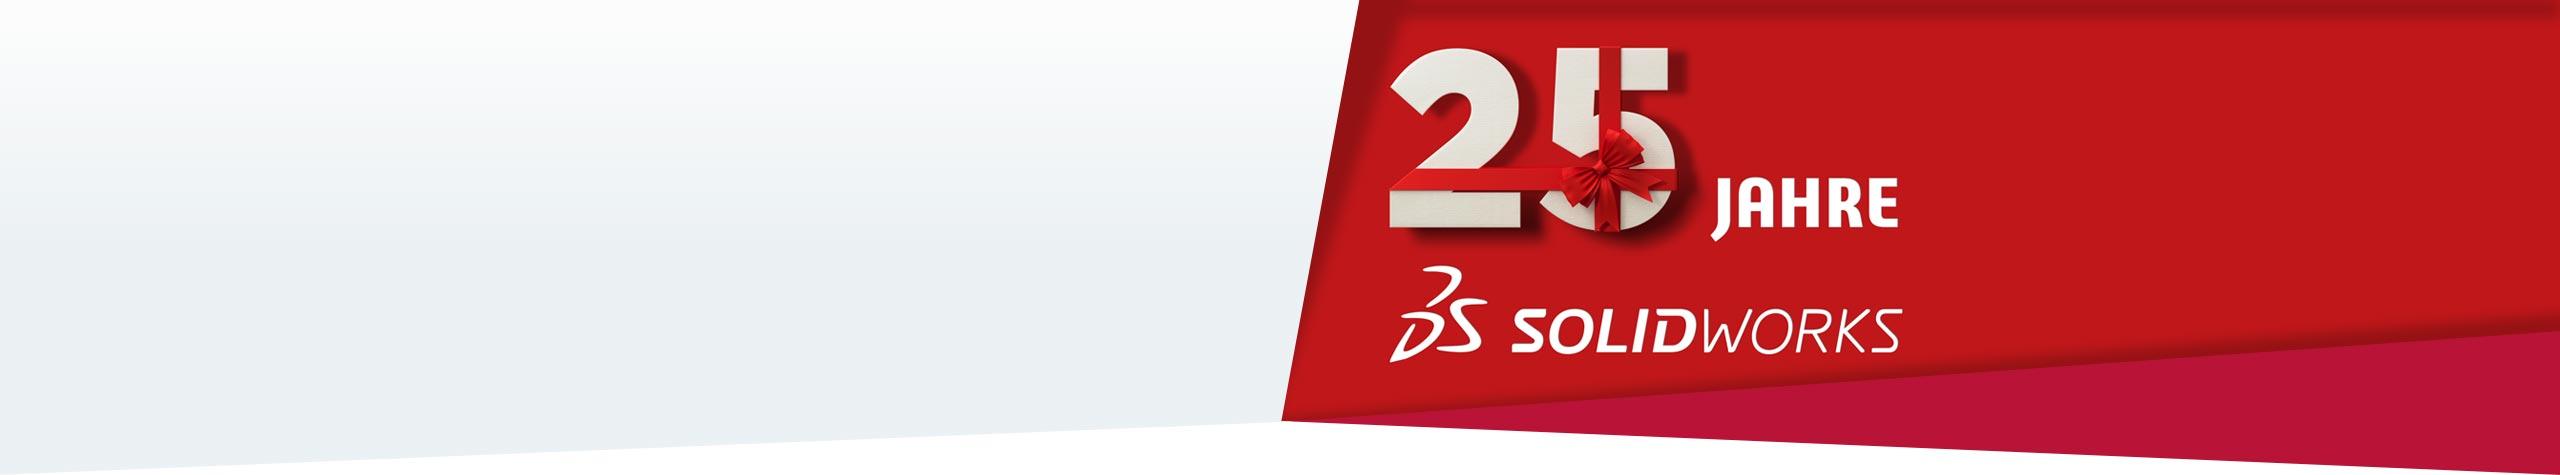 25 Jahre SOLIDWORKS 25 Jahre einzigartige Werkzeuge in der Produktentwicklung